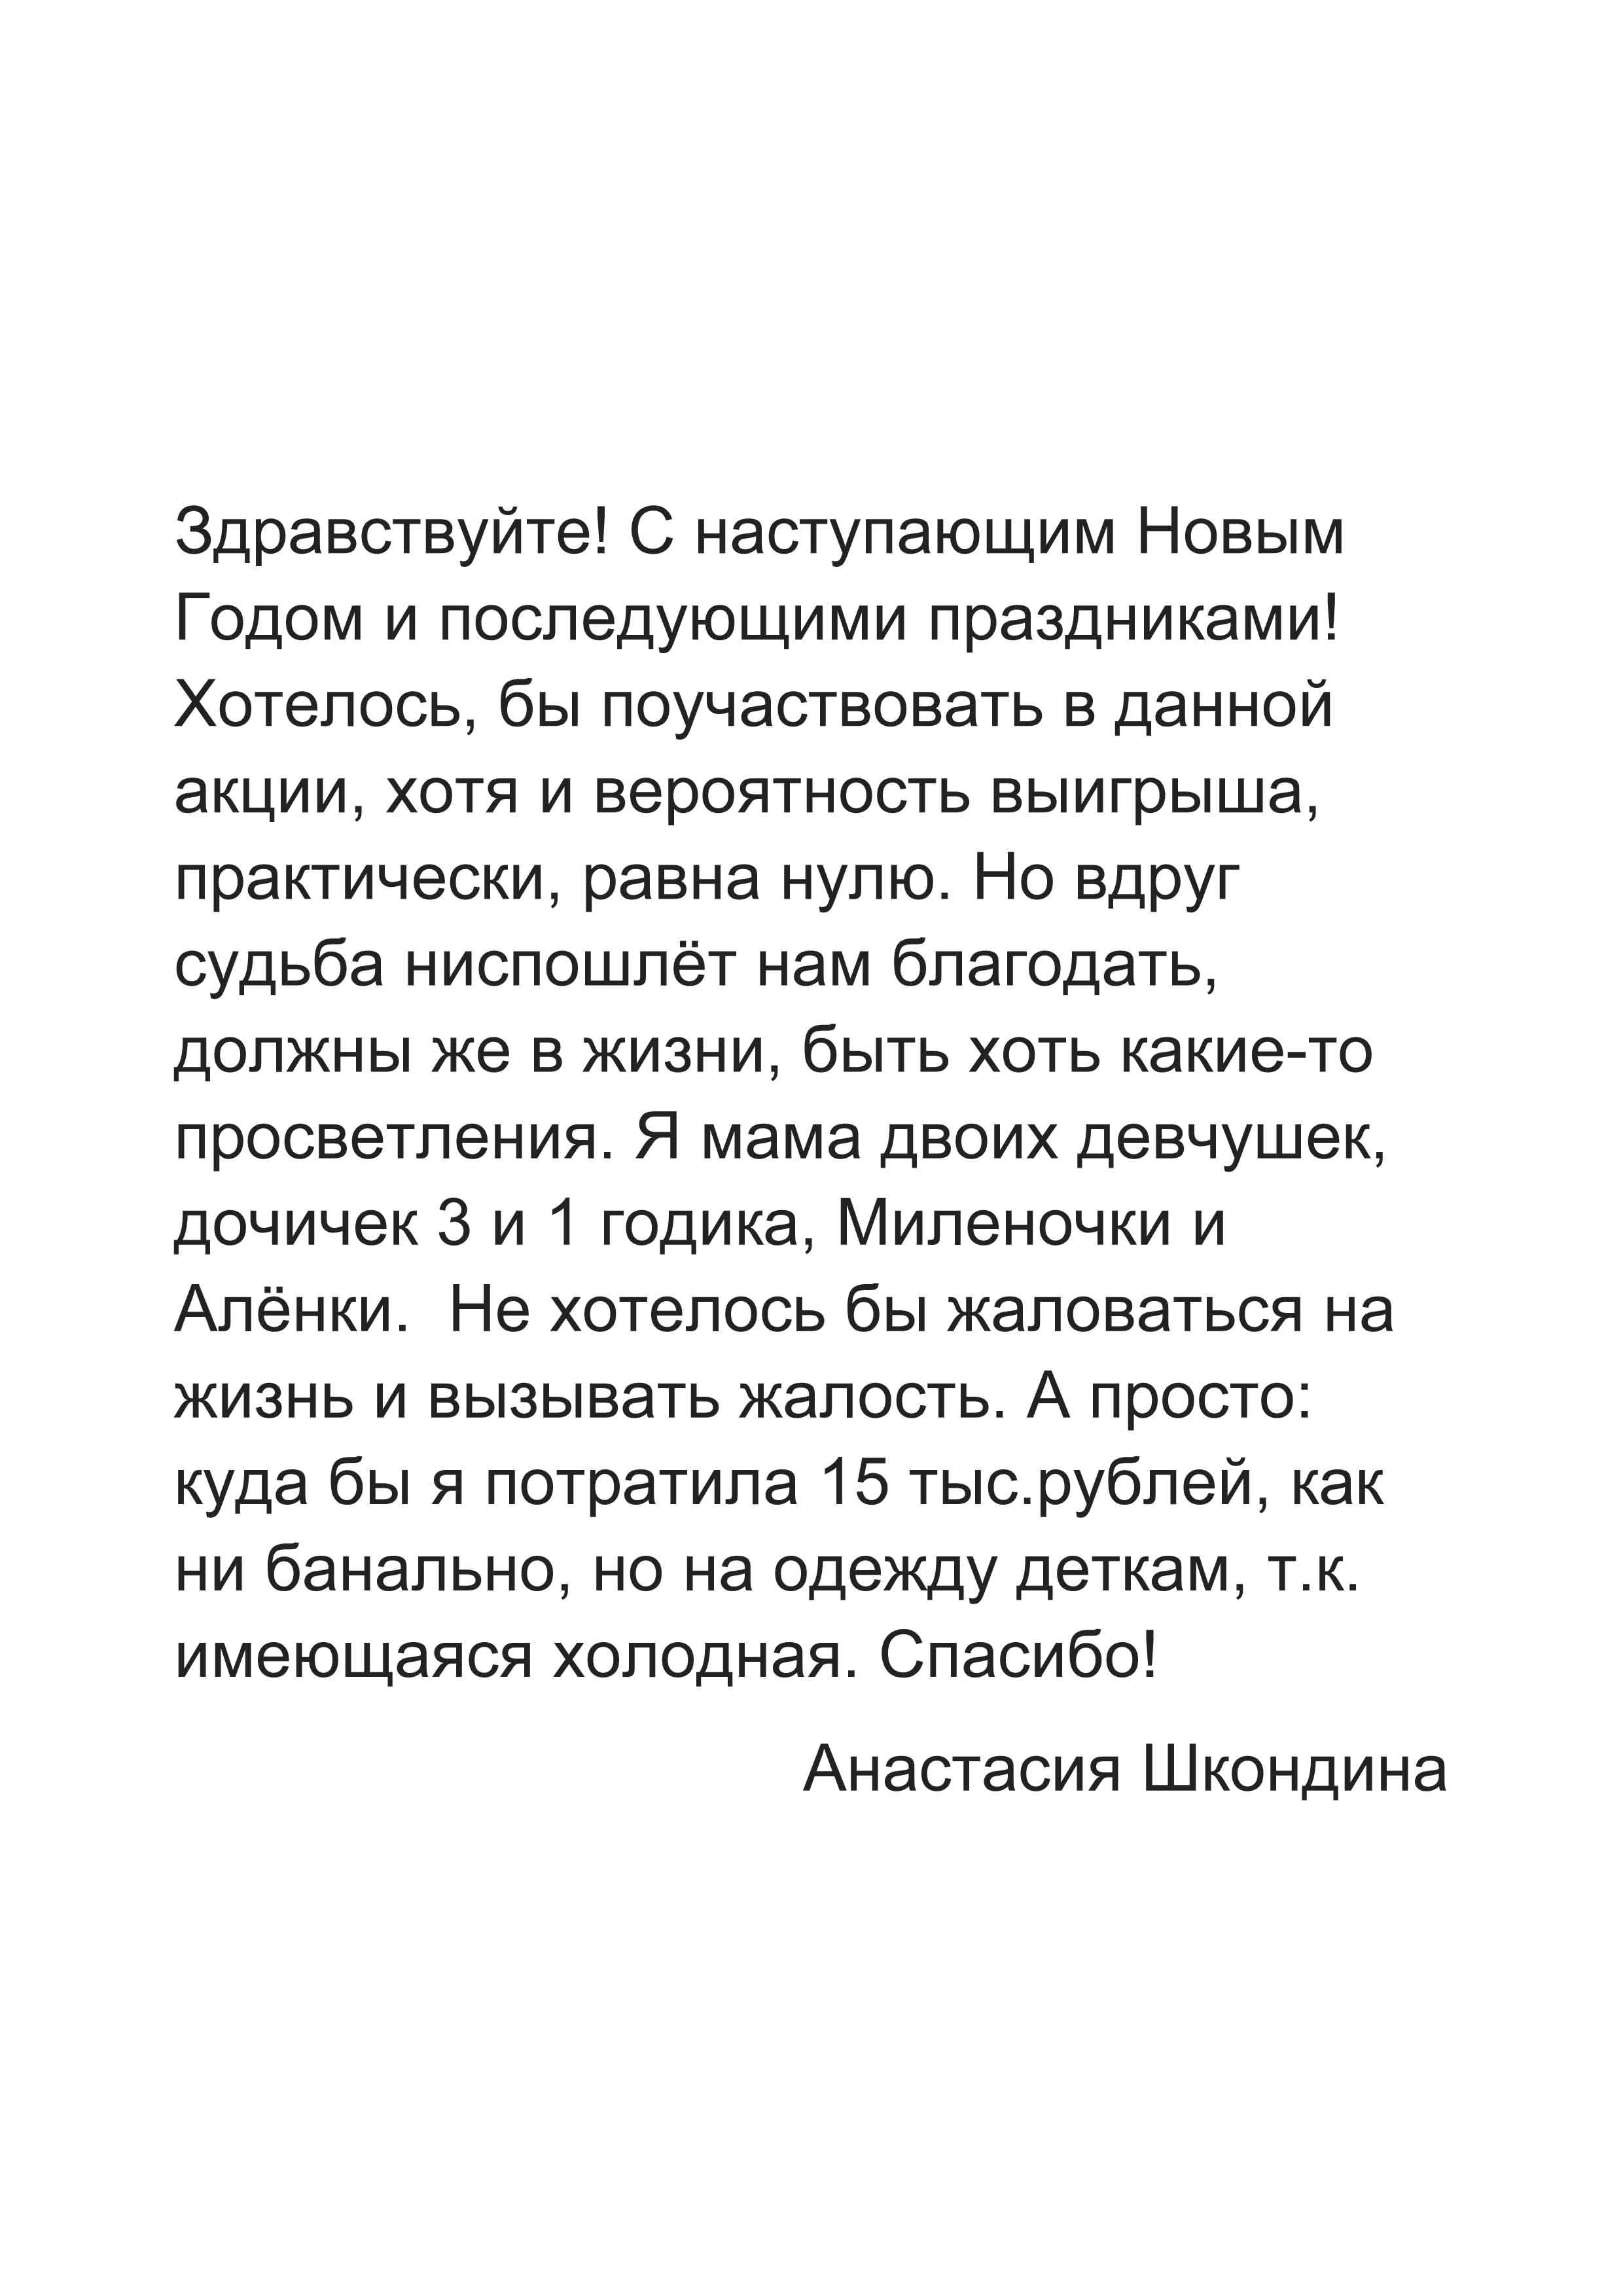 Анастасия Шкондина